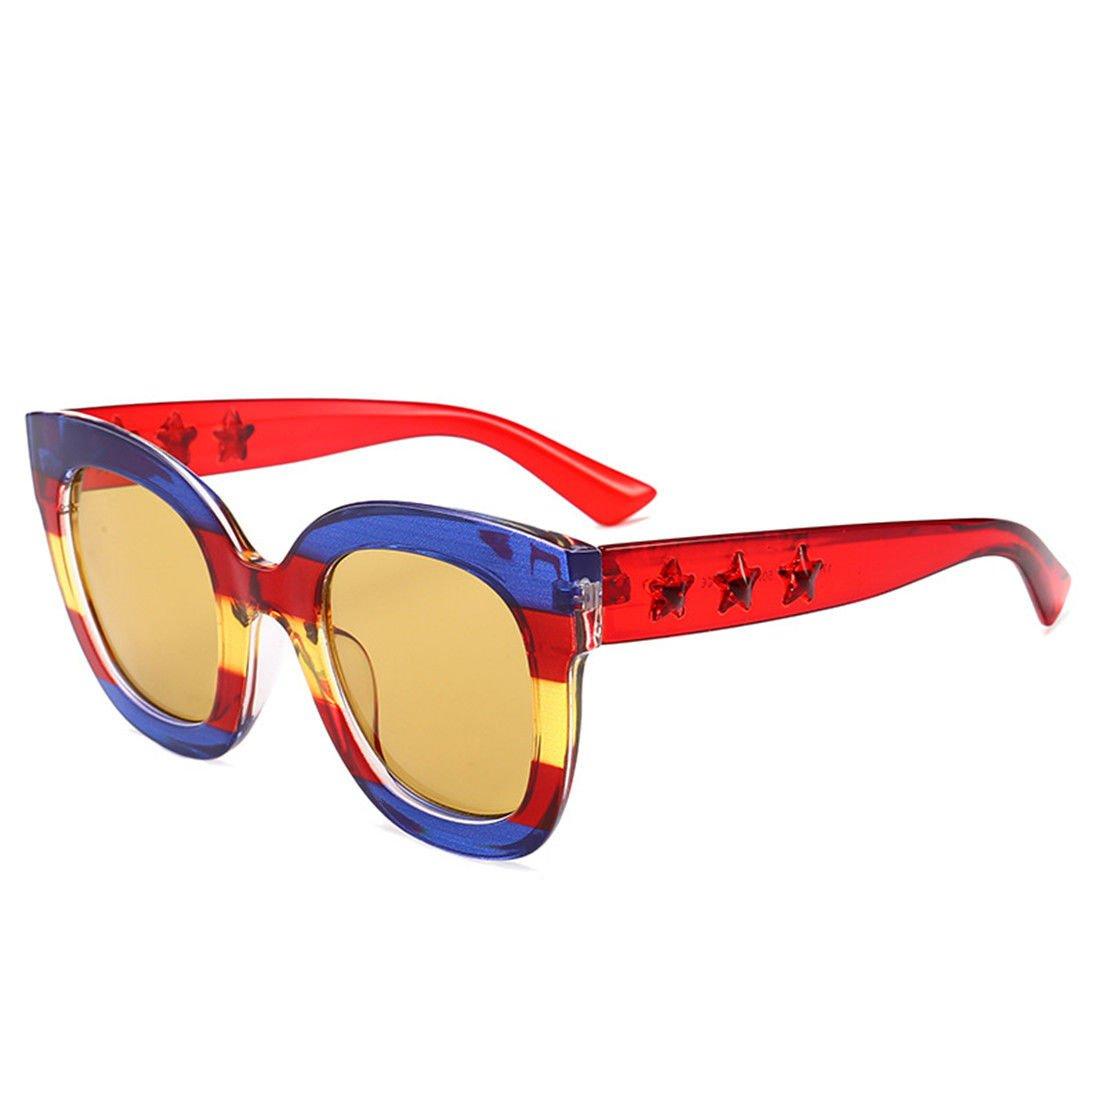 GCC Las Gafas de Sol Gafas de Sol Cuadrado Coloreado, D ...